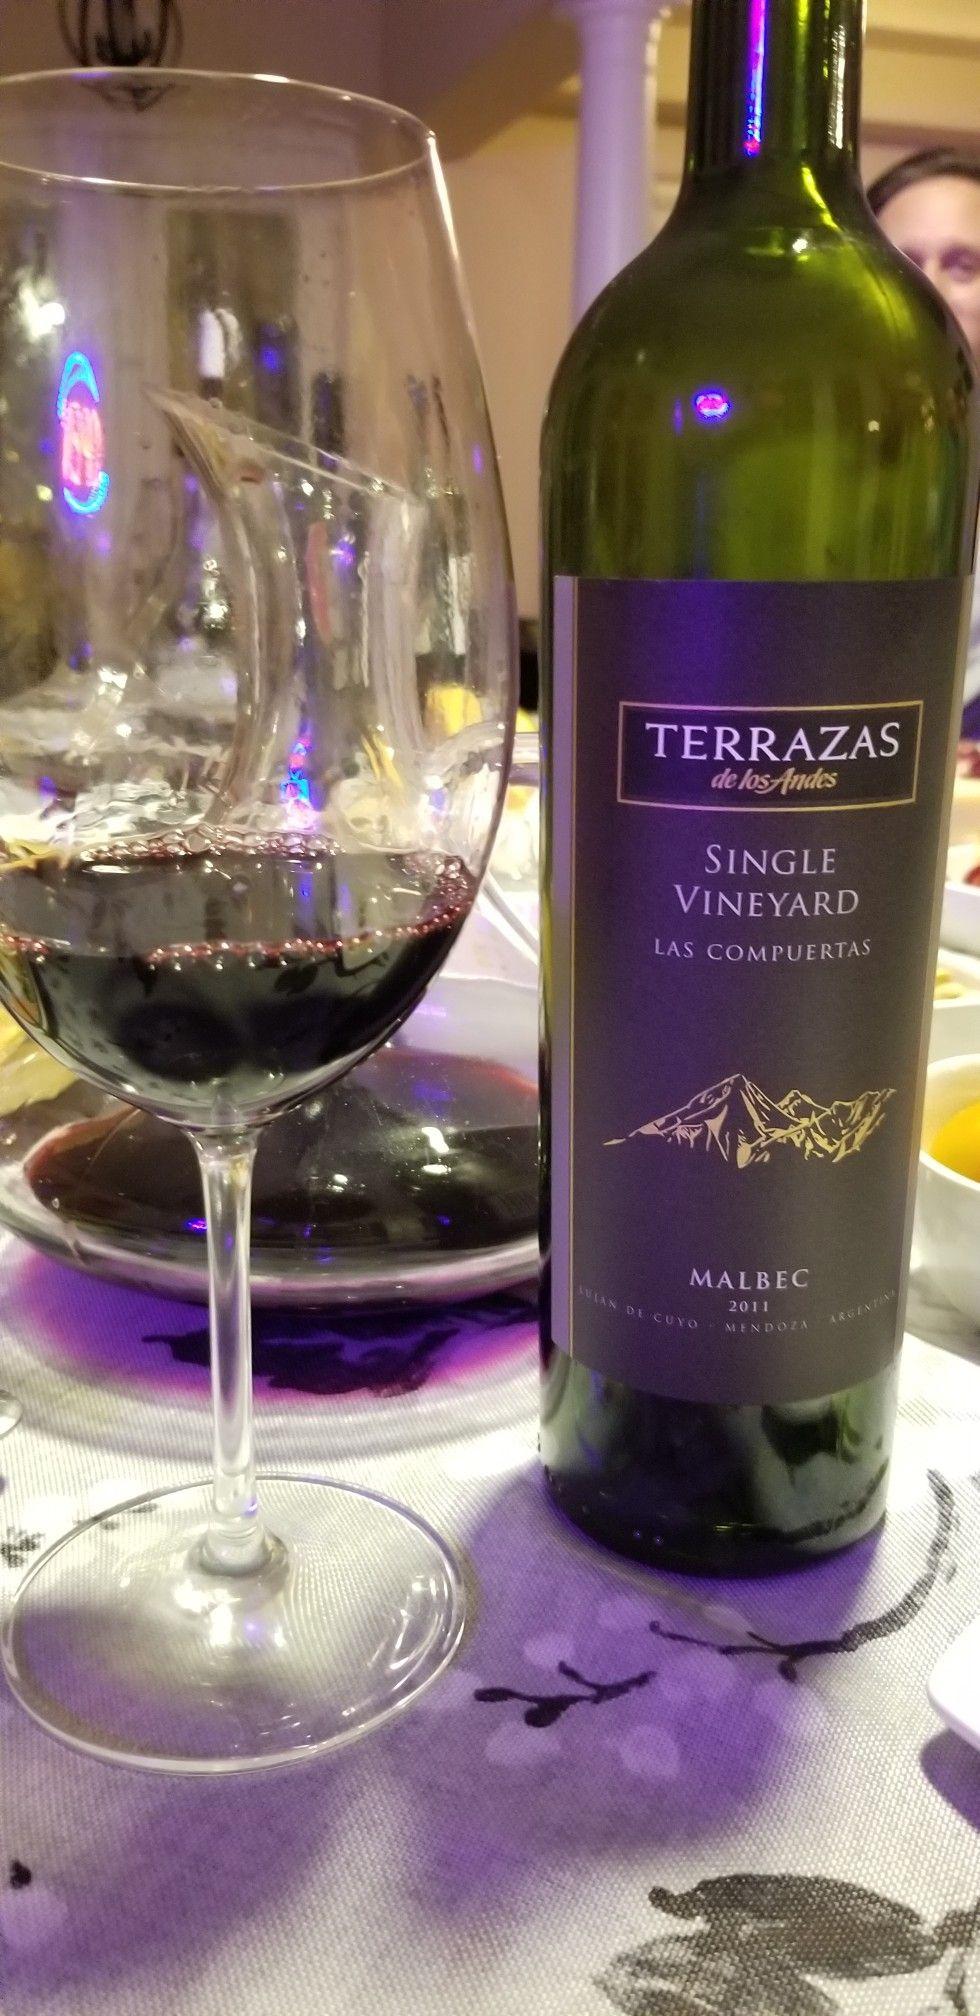 Terrazas De Los Andes Single Vineyard Las Compuertas Malbec